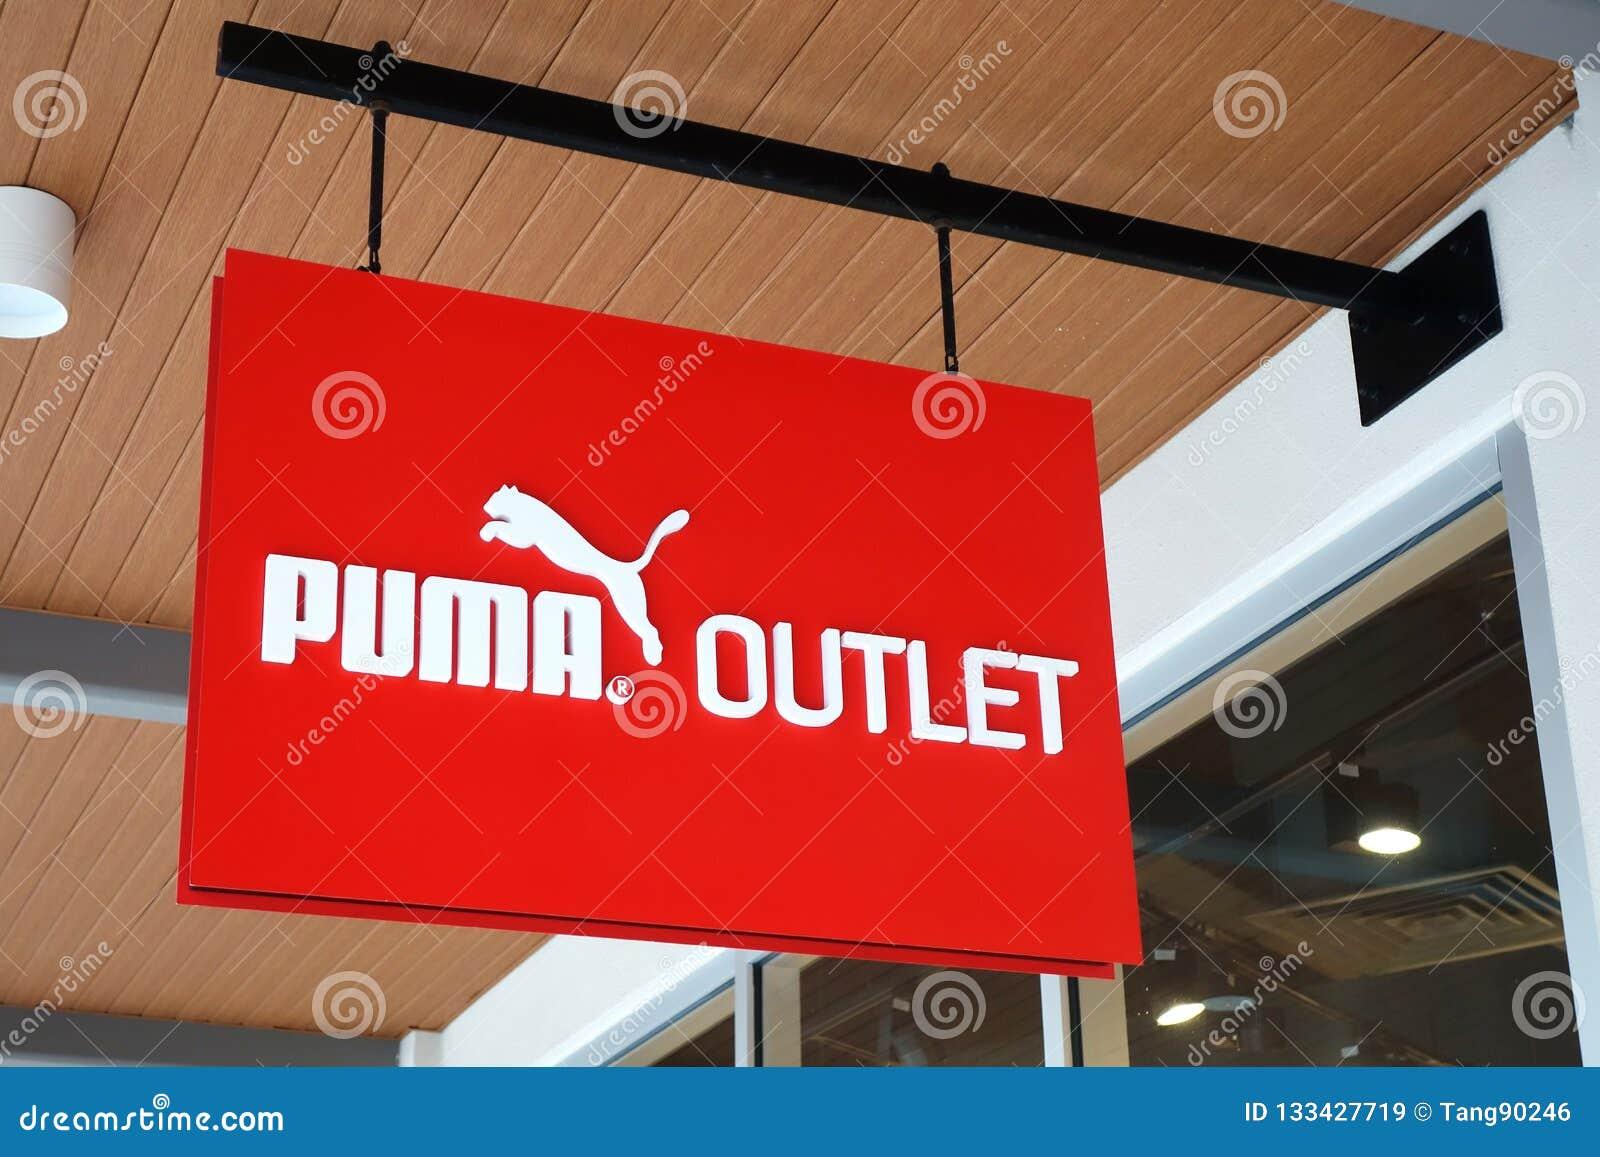 outlet puma